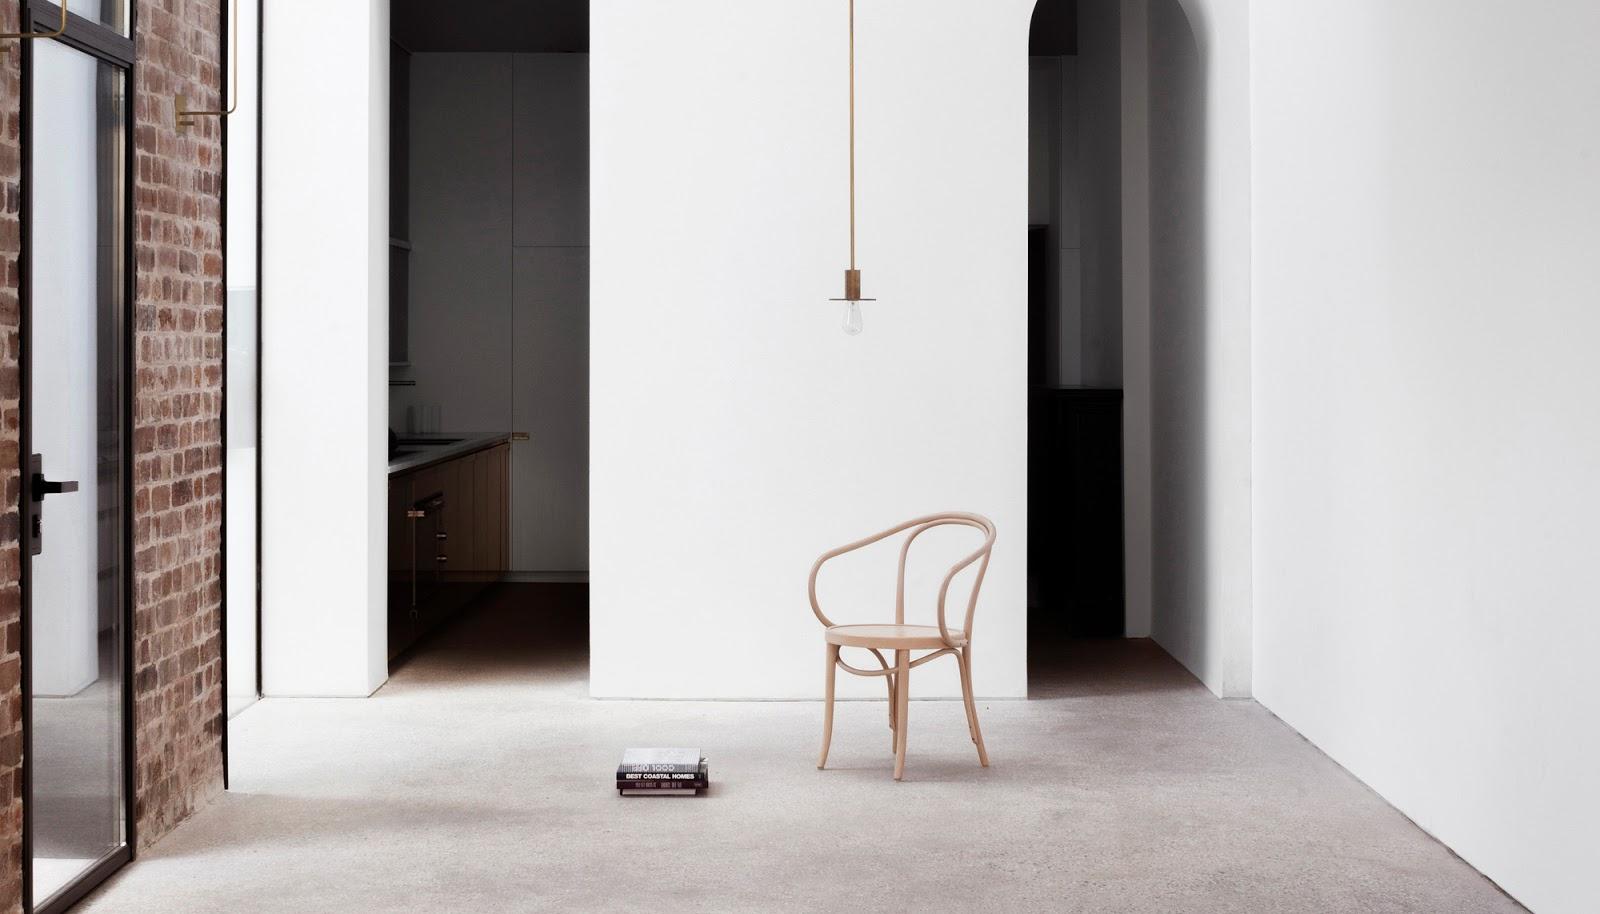 Casa minimalista in stile italiano tra storico e moderno for Casa minimalista harborview hills